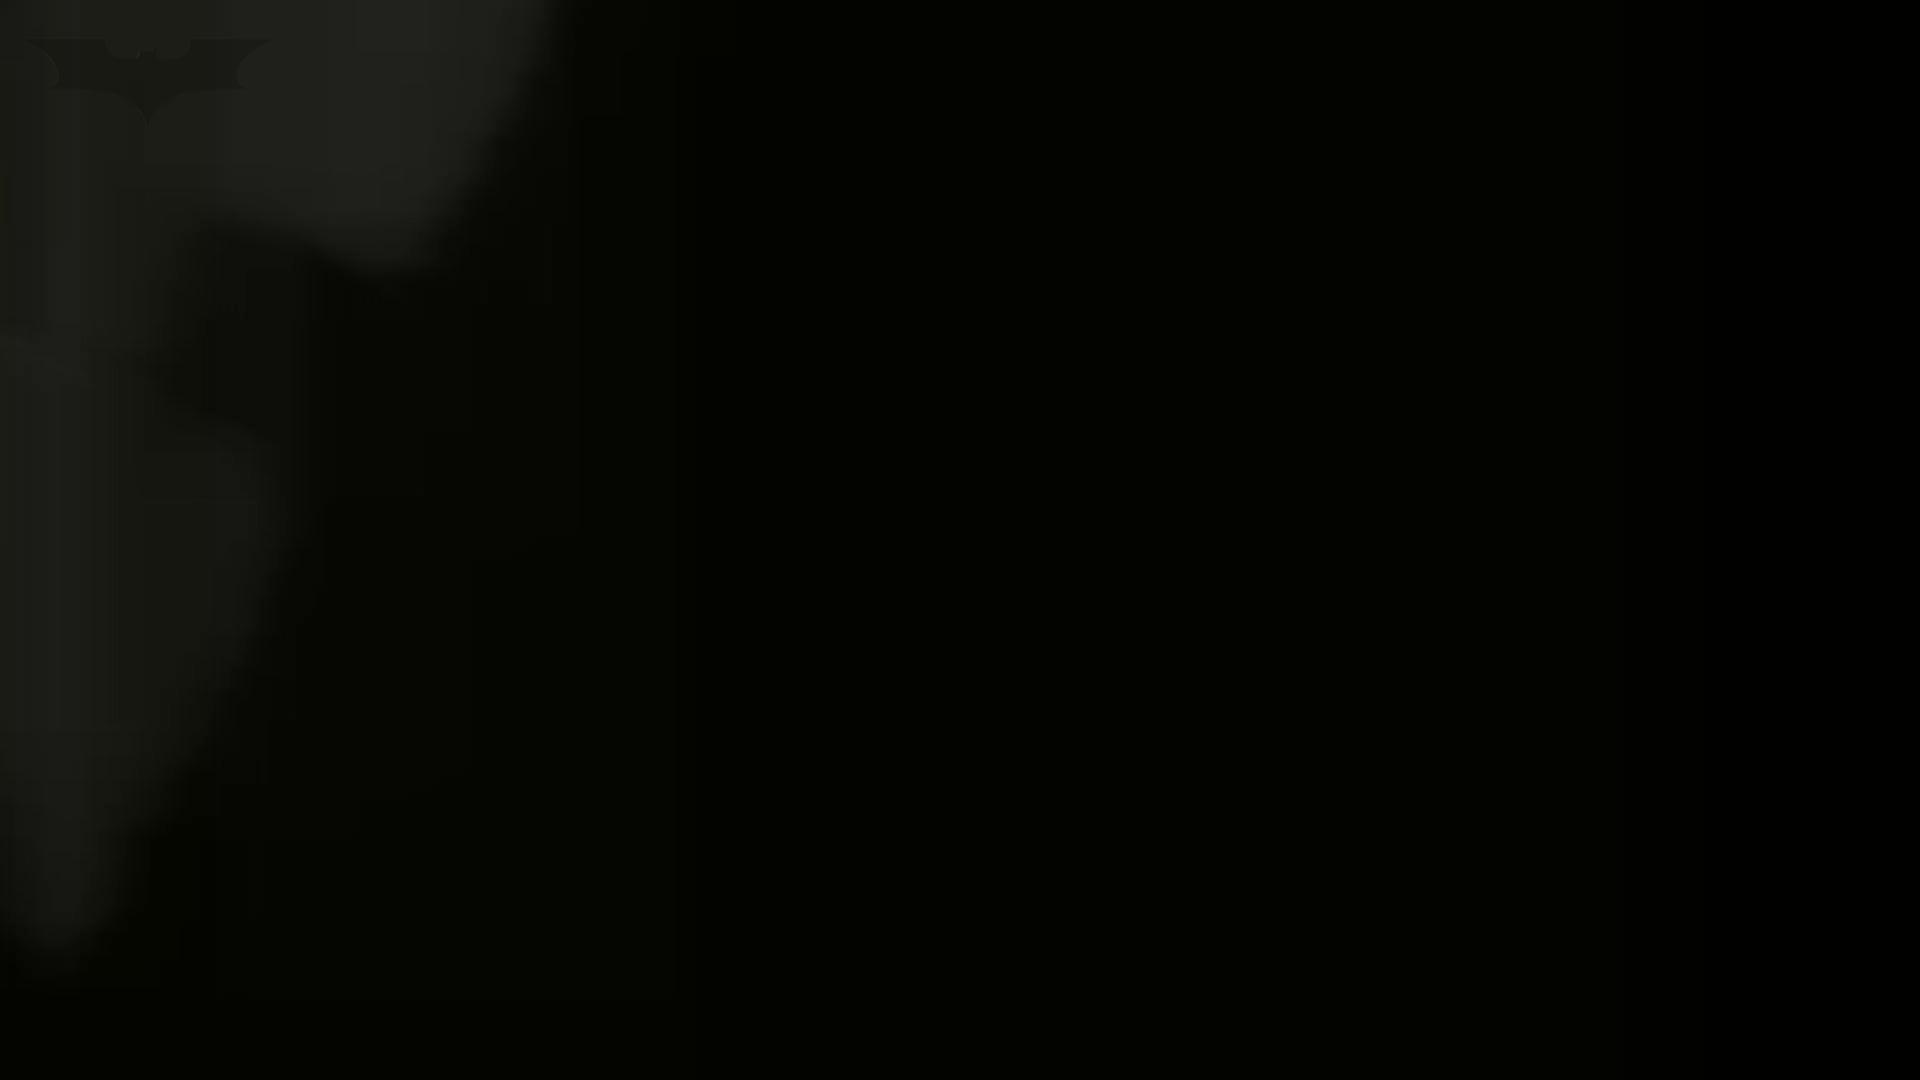 洗面所特攻隊 vol.74 last 2総勢16名激撮【2015・29位】 洗面所  85PIX 34